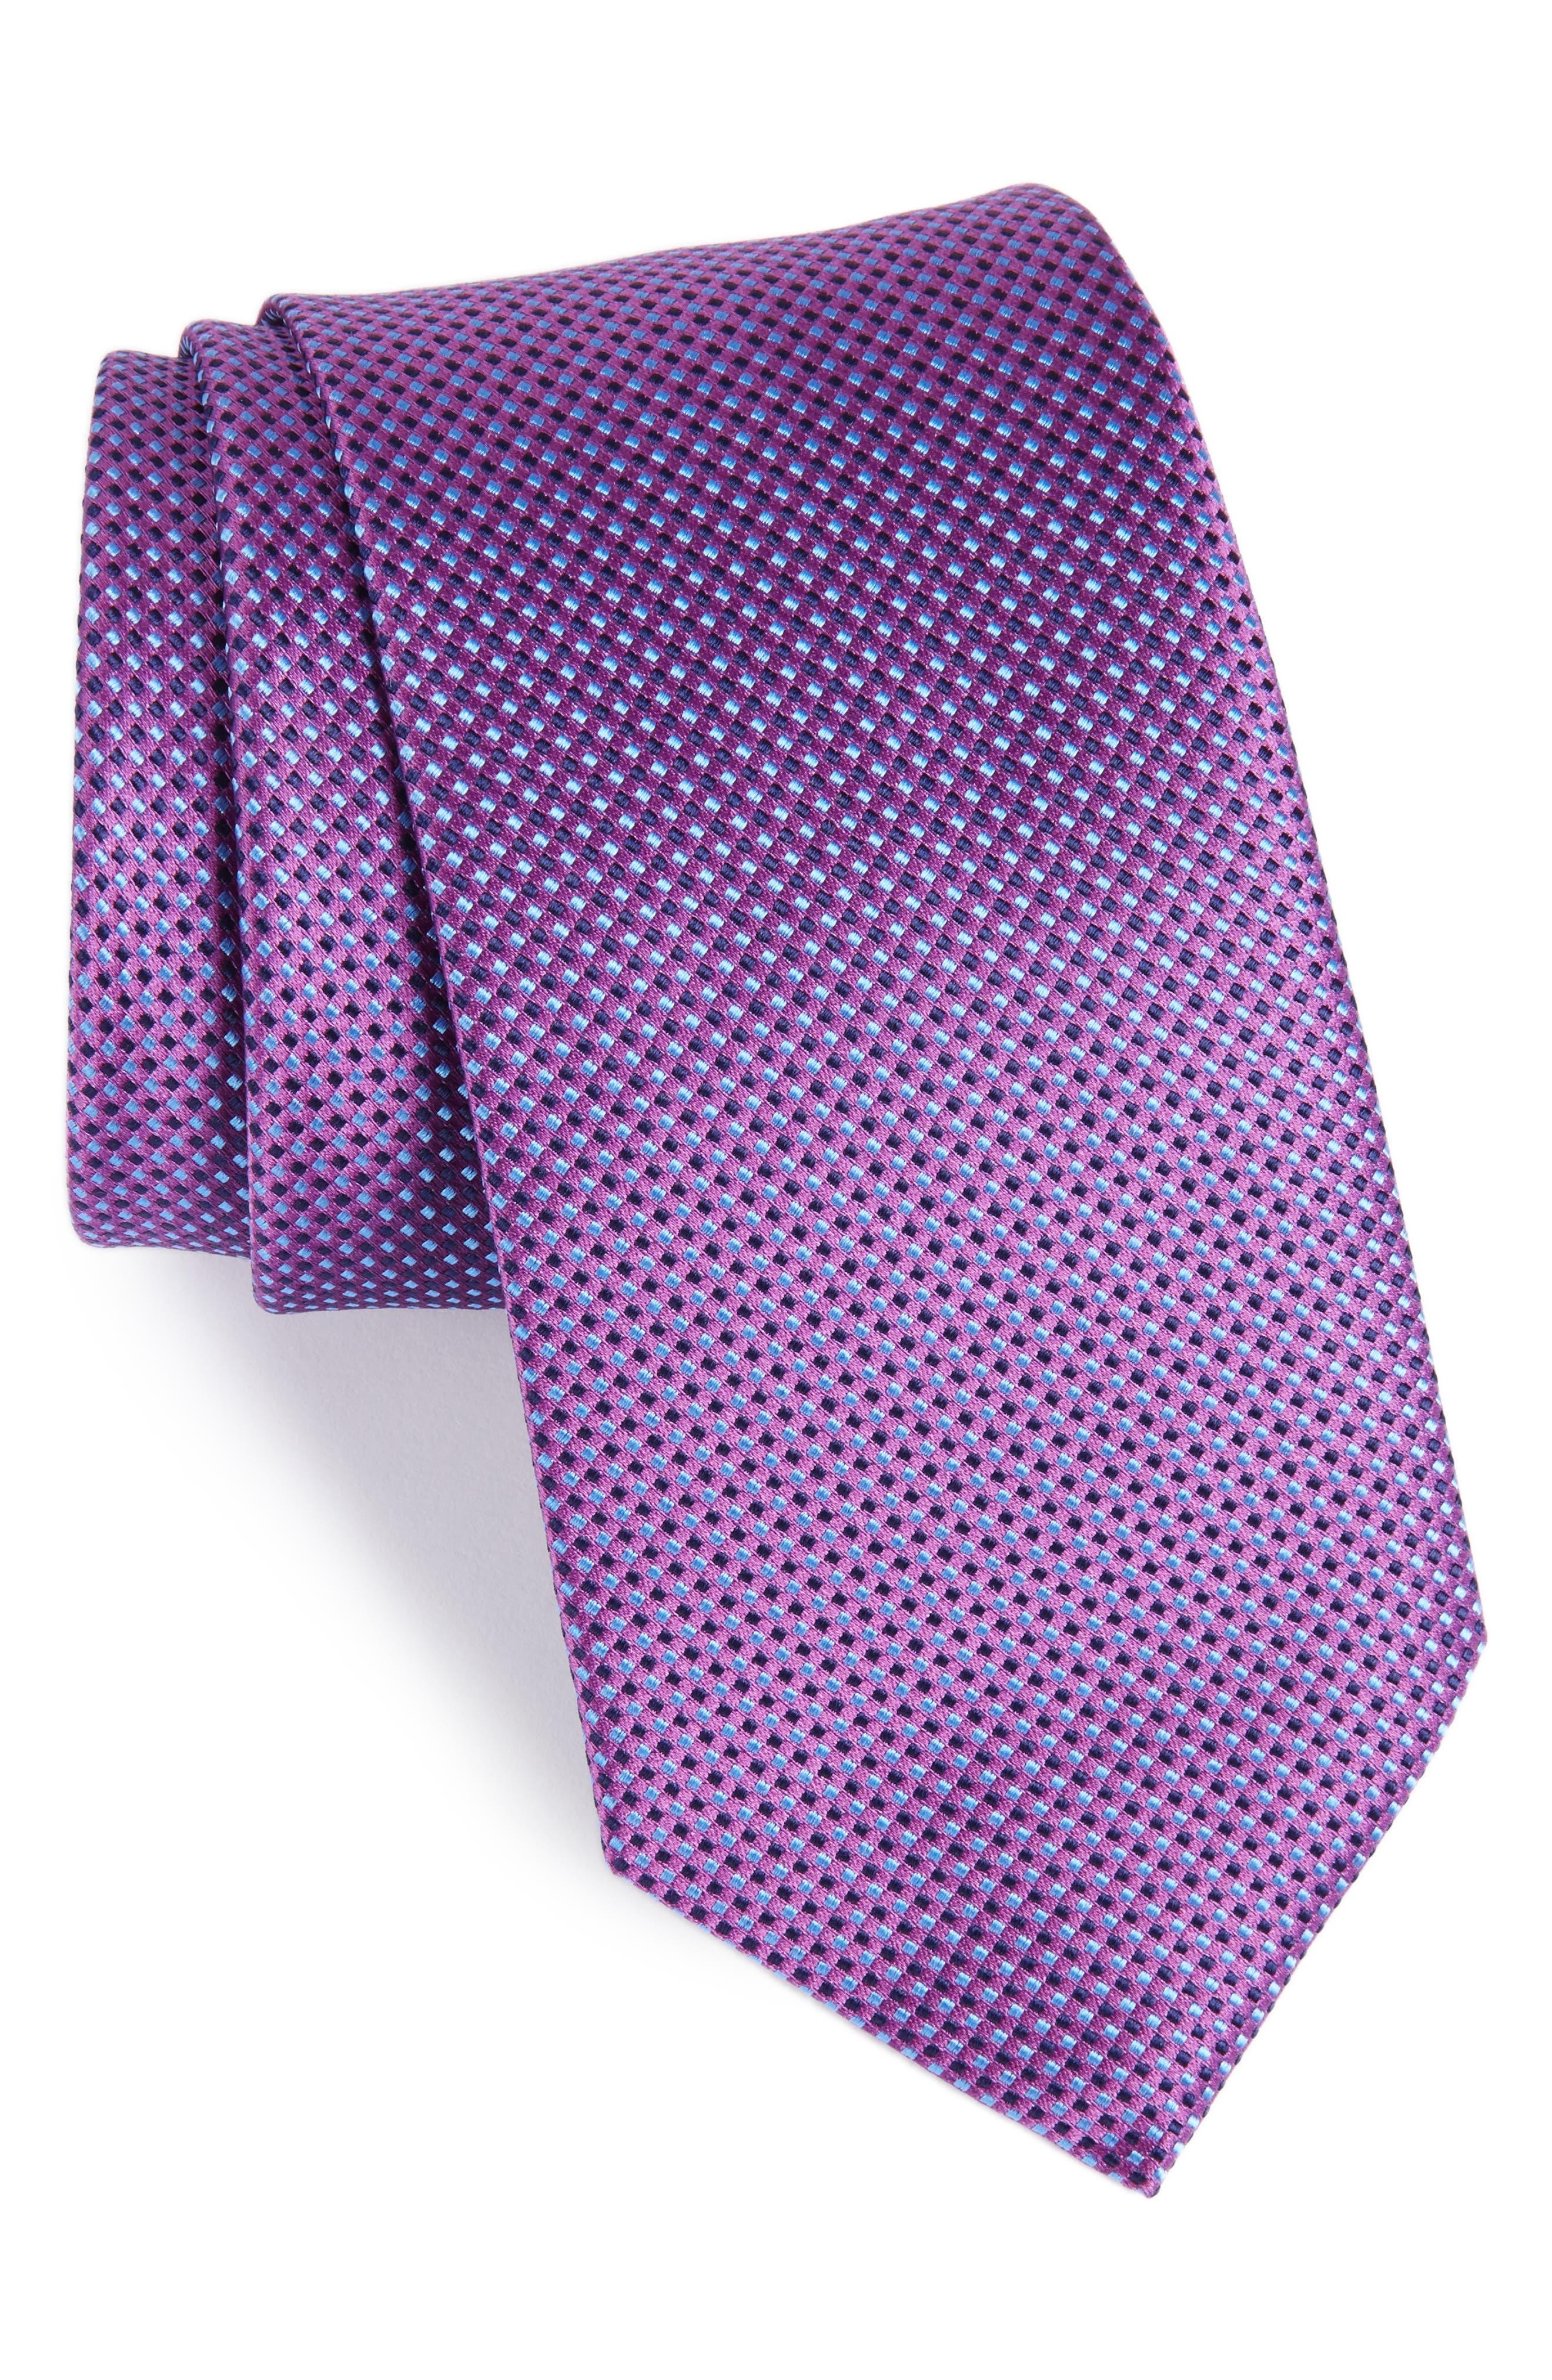 Main Image - Eton Microdot Silk Tie